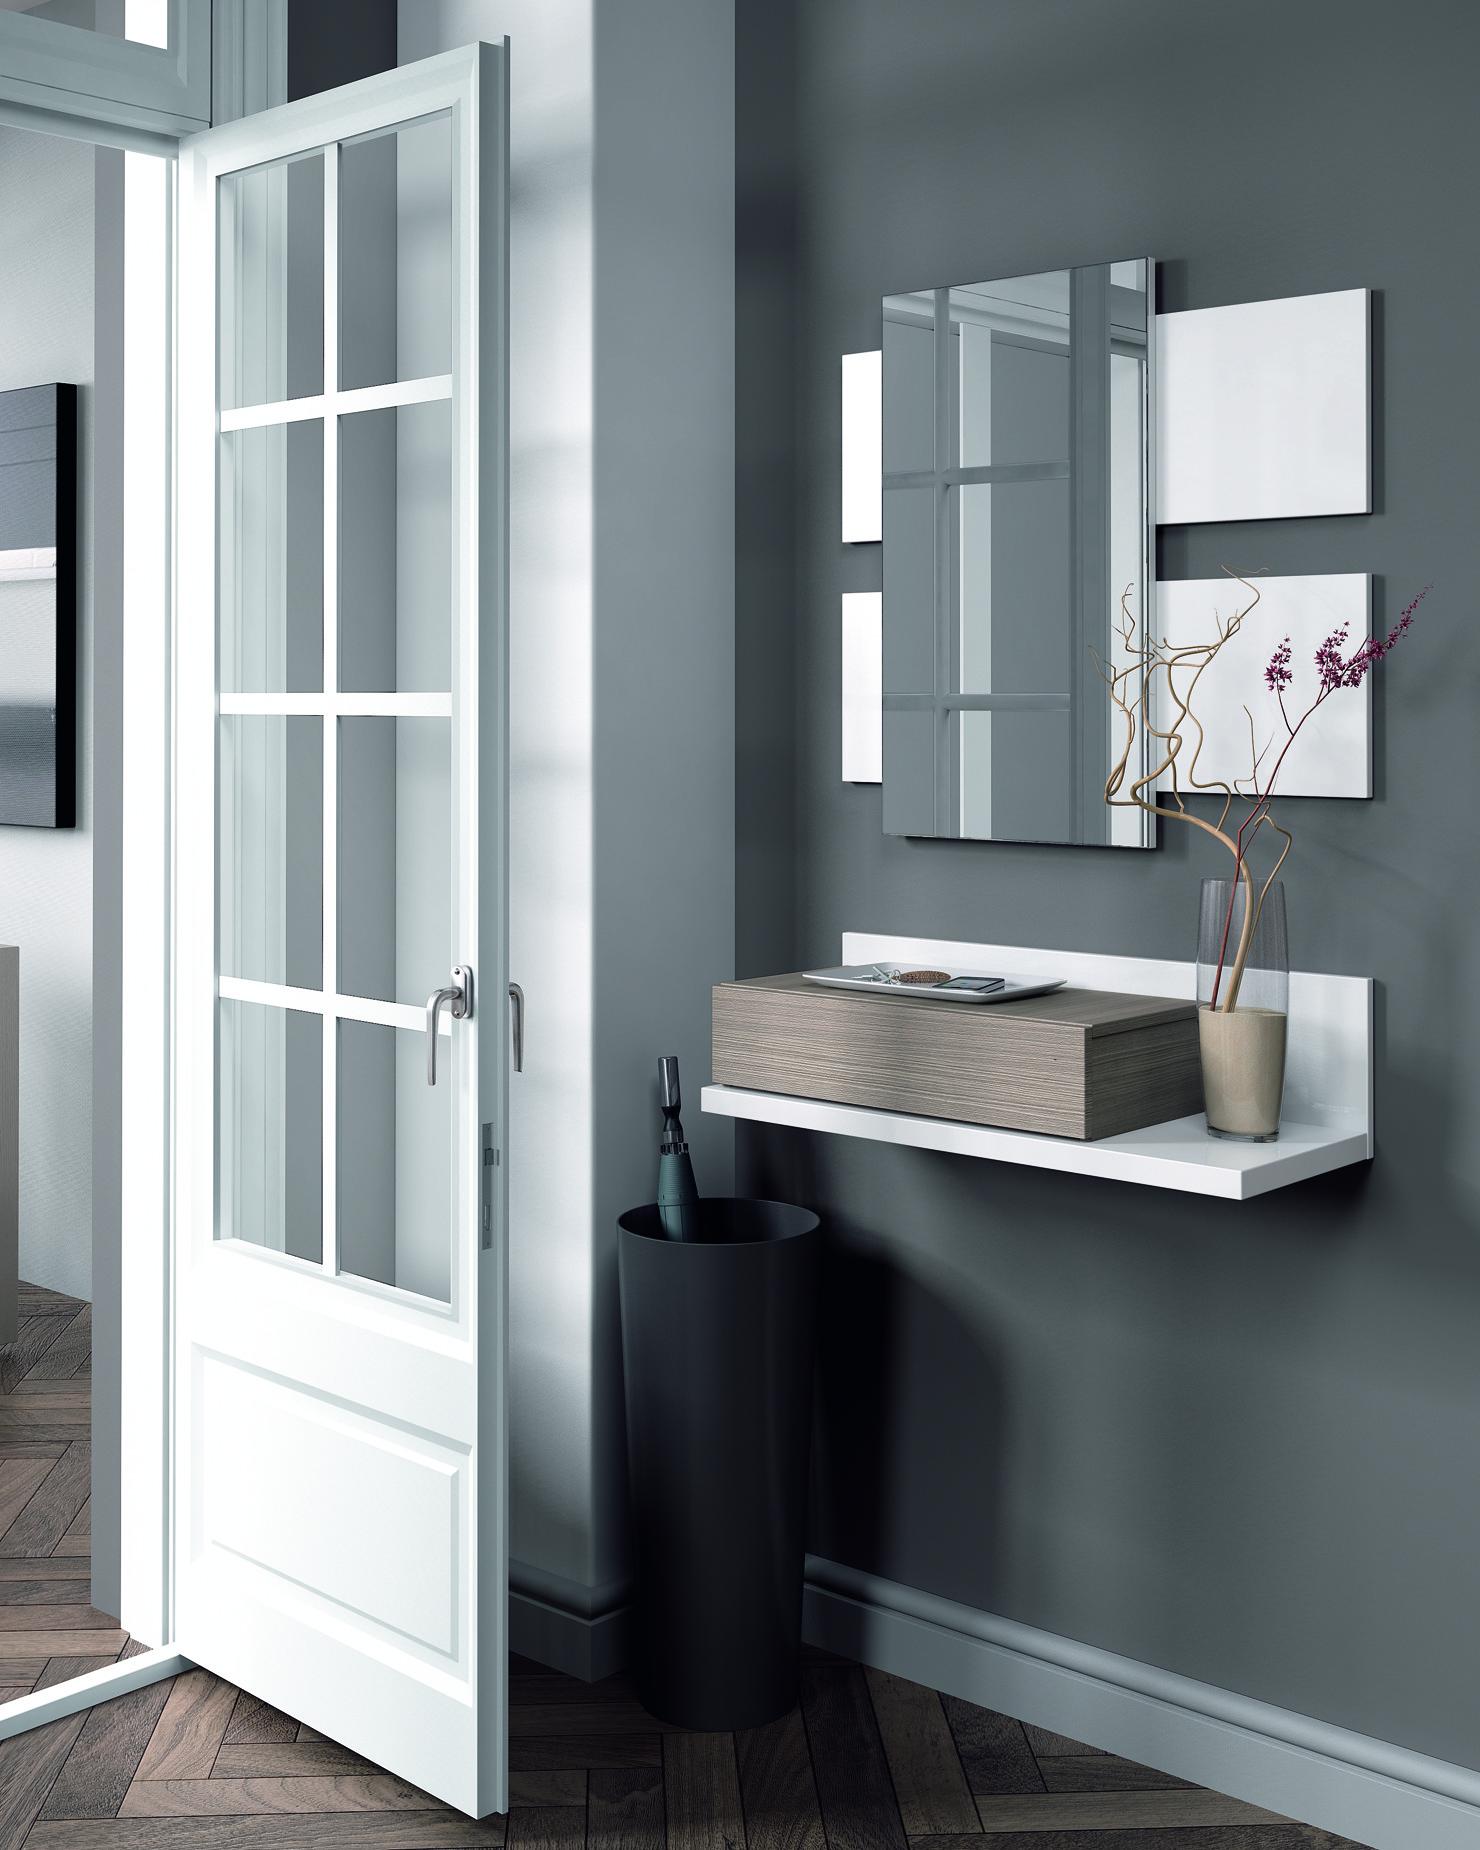 Recibidores recibidores clsicos with recibidores perfect - Recibidores con estilo ...